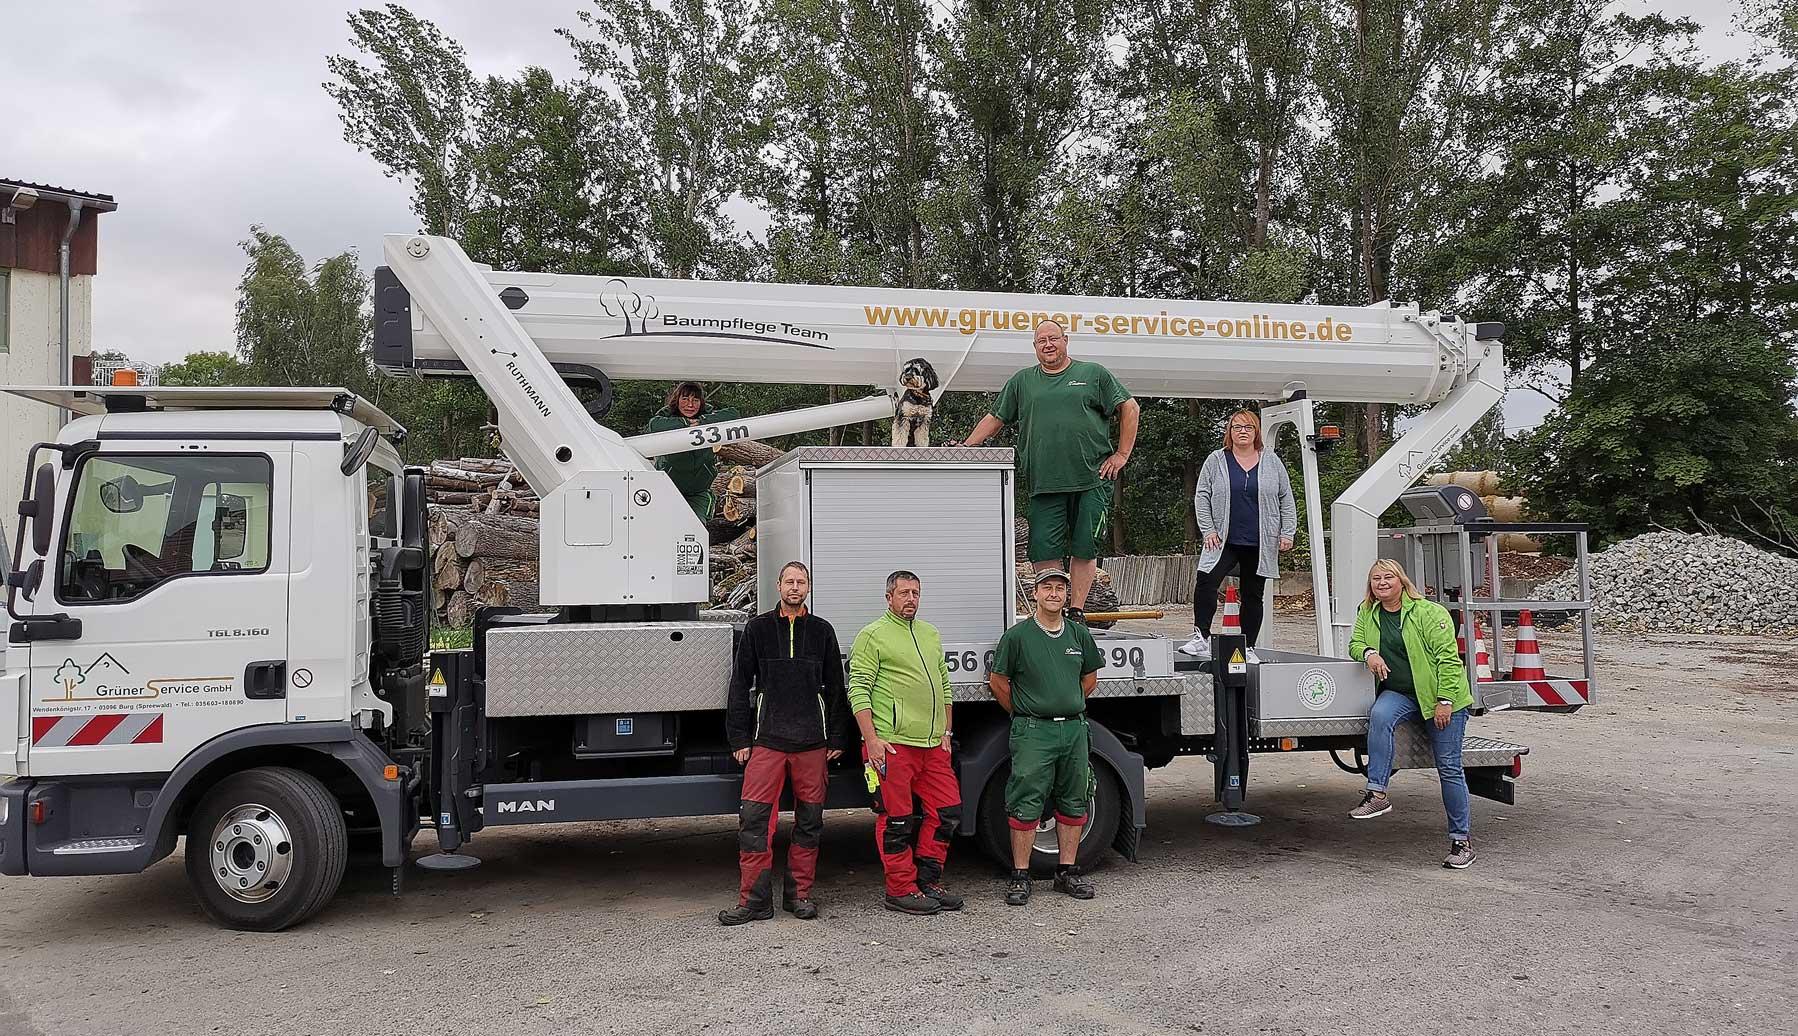 Team für Baumpflege und Gartenpflege